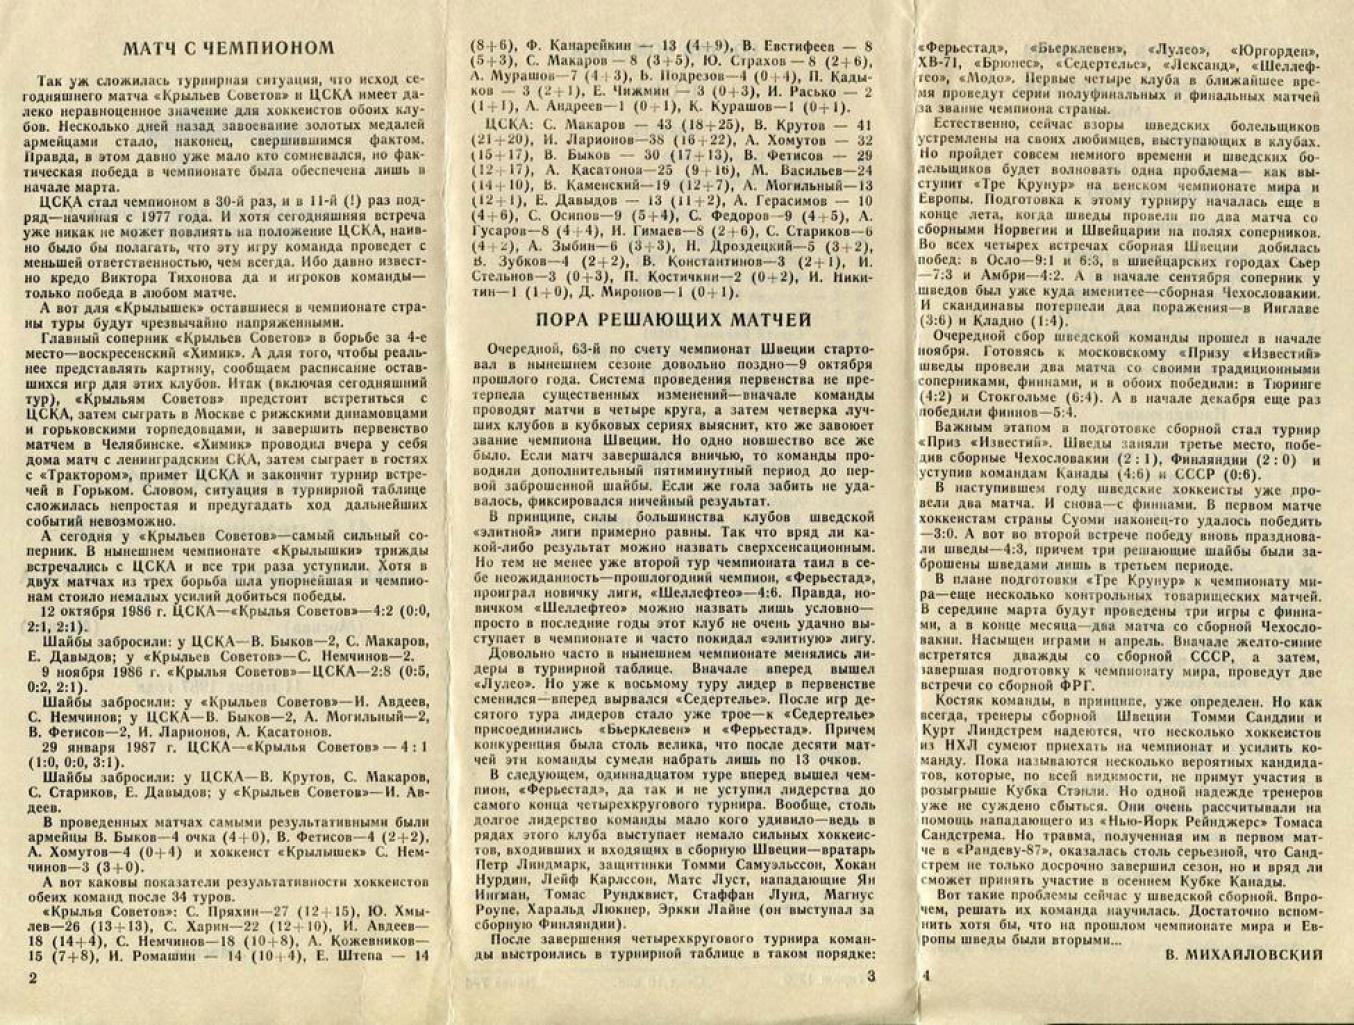 1987.03.11. Крылья Советов - ЦСКА (Чм. СССР)_02.png